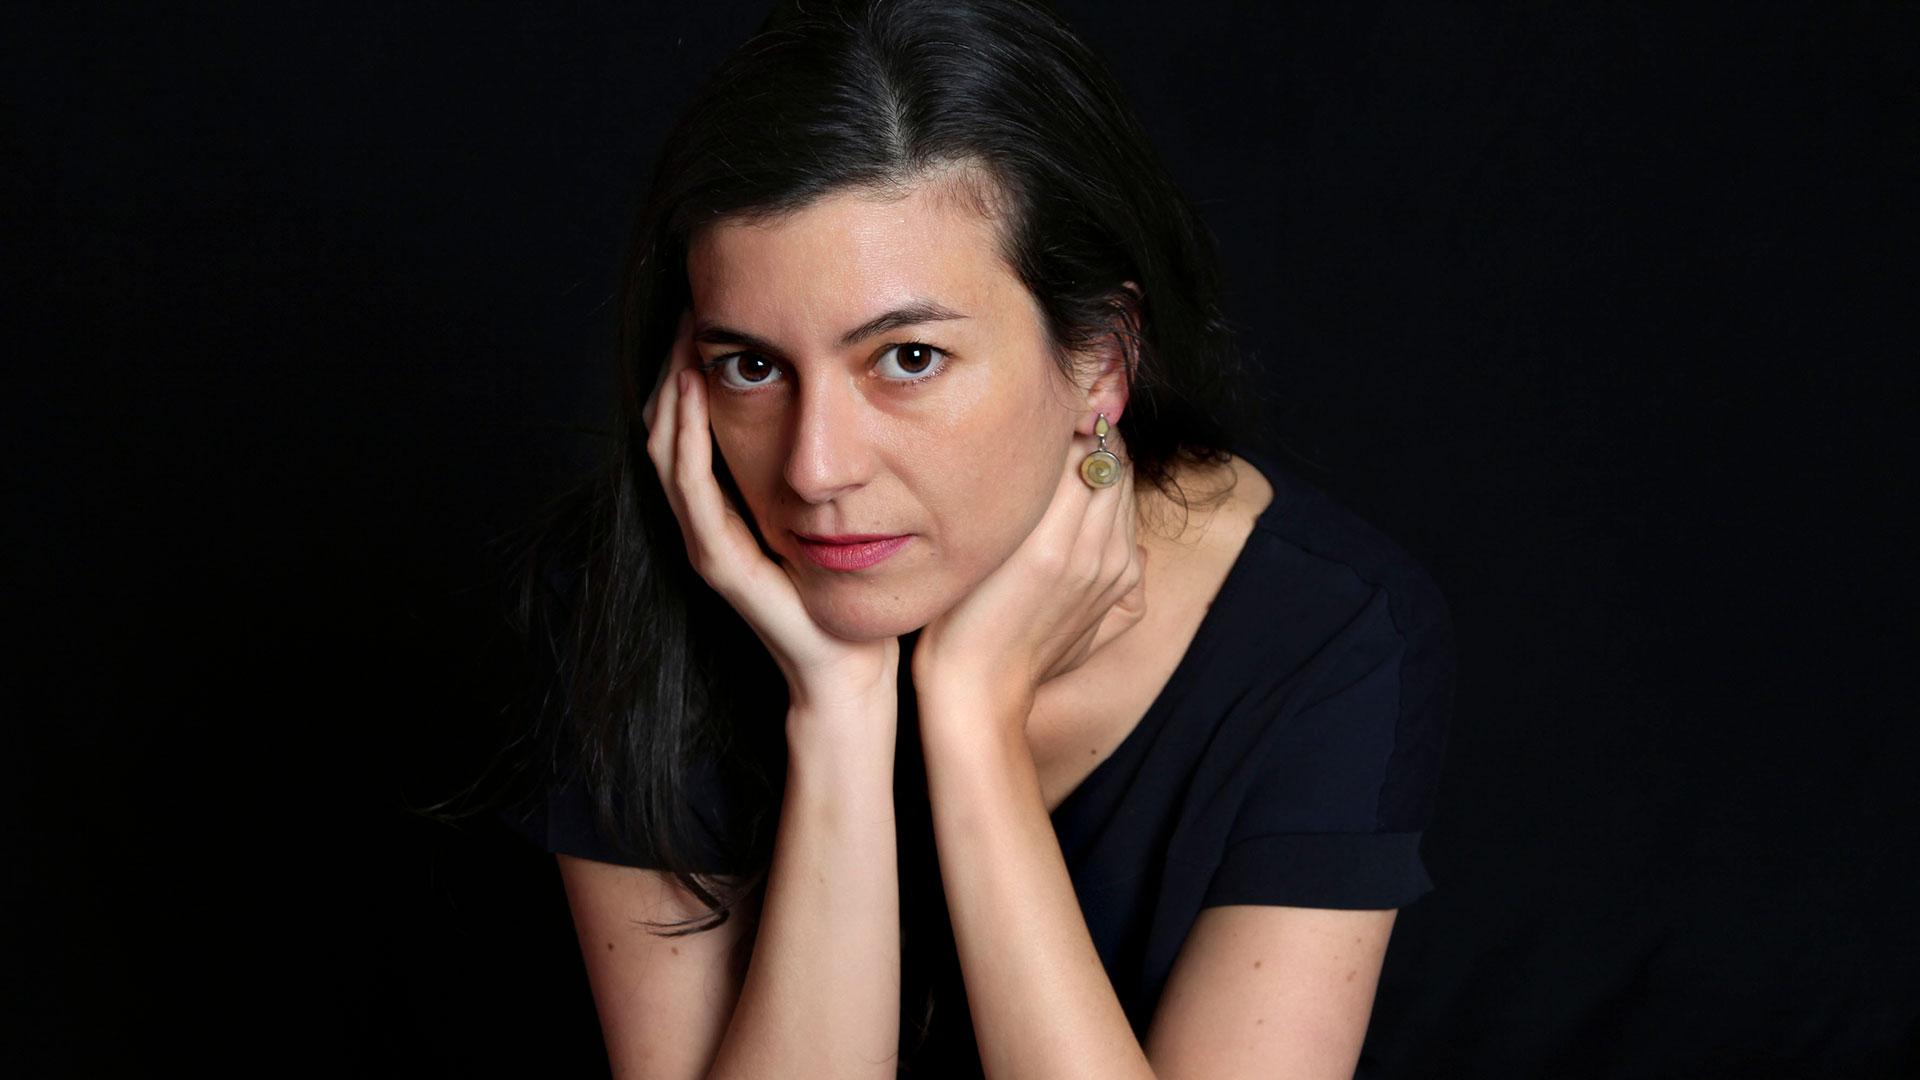 Samanta Schweblin(Télam)